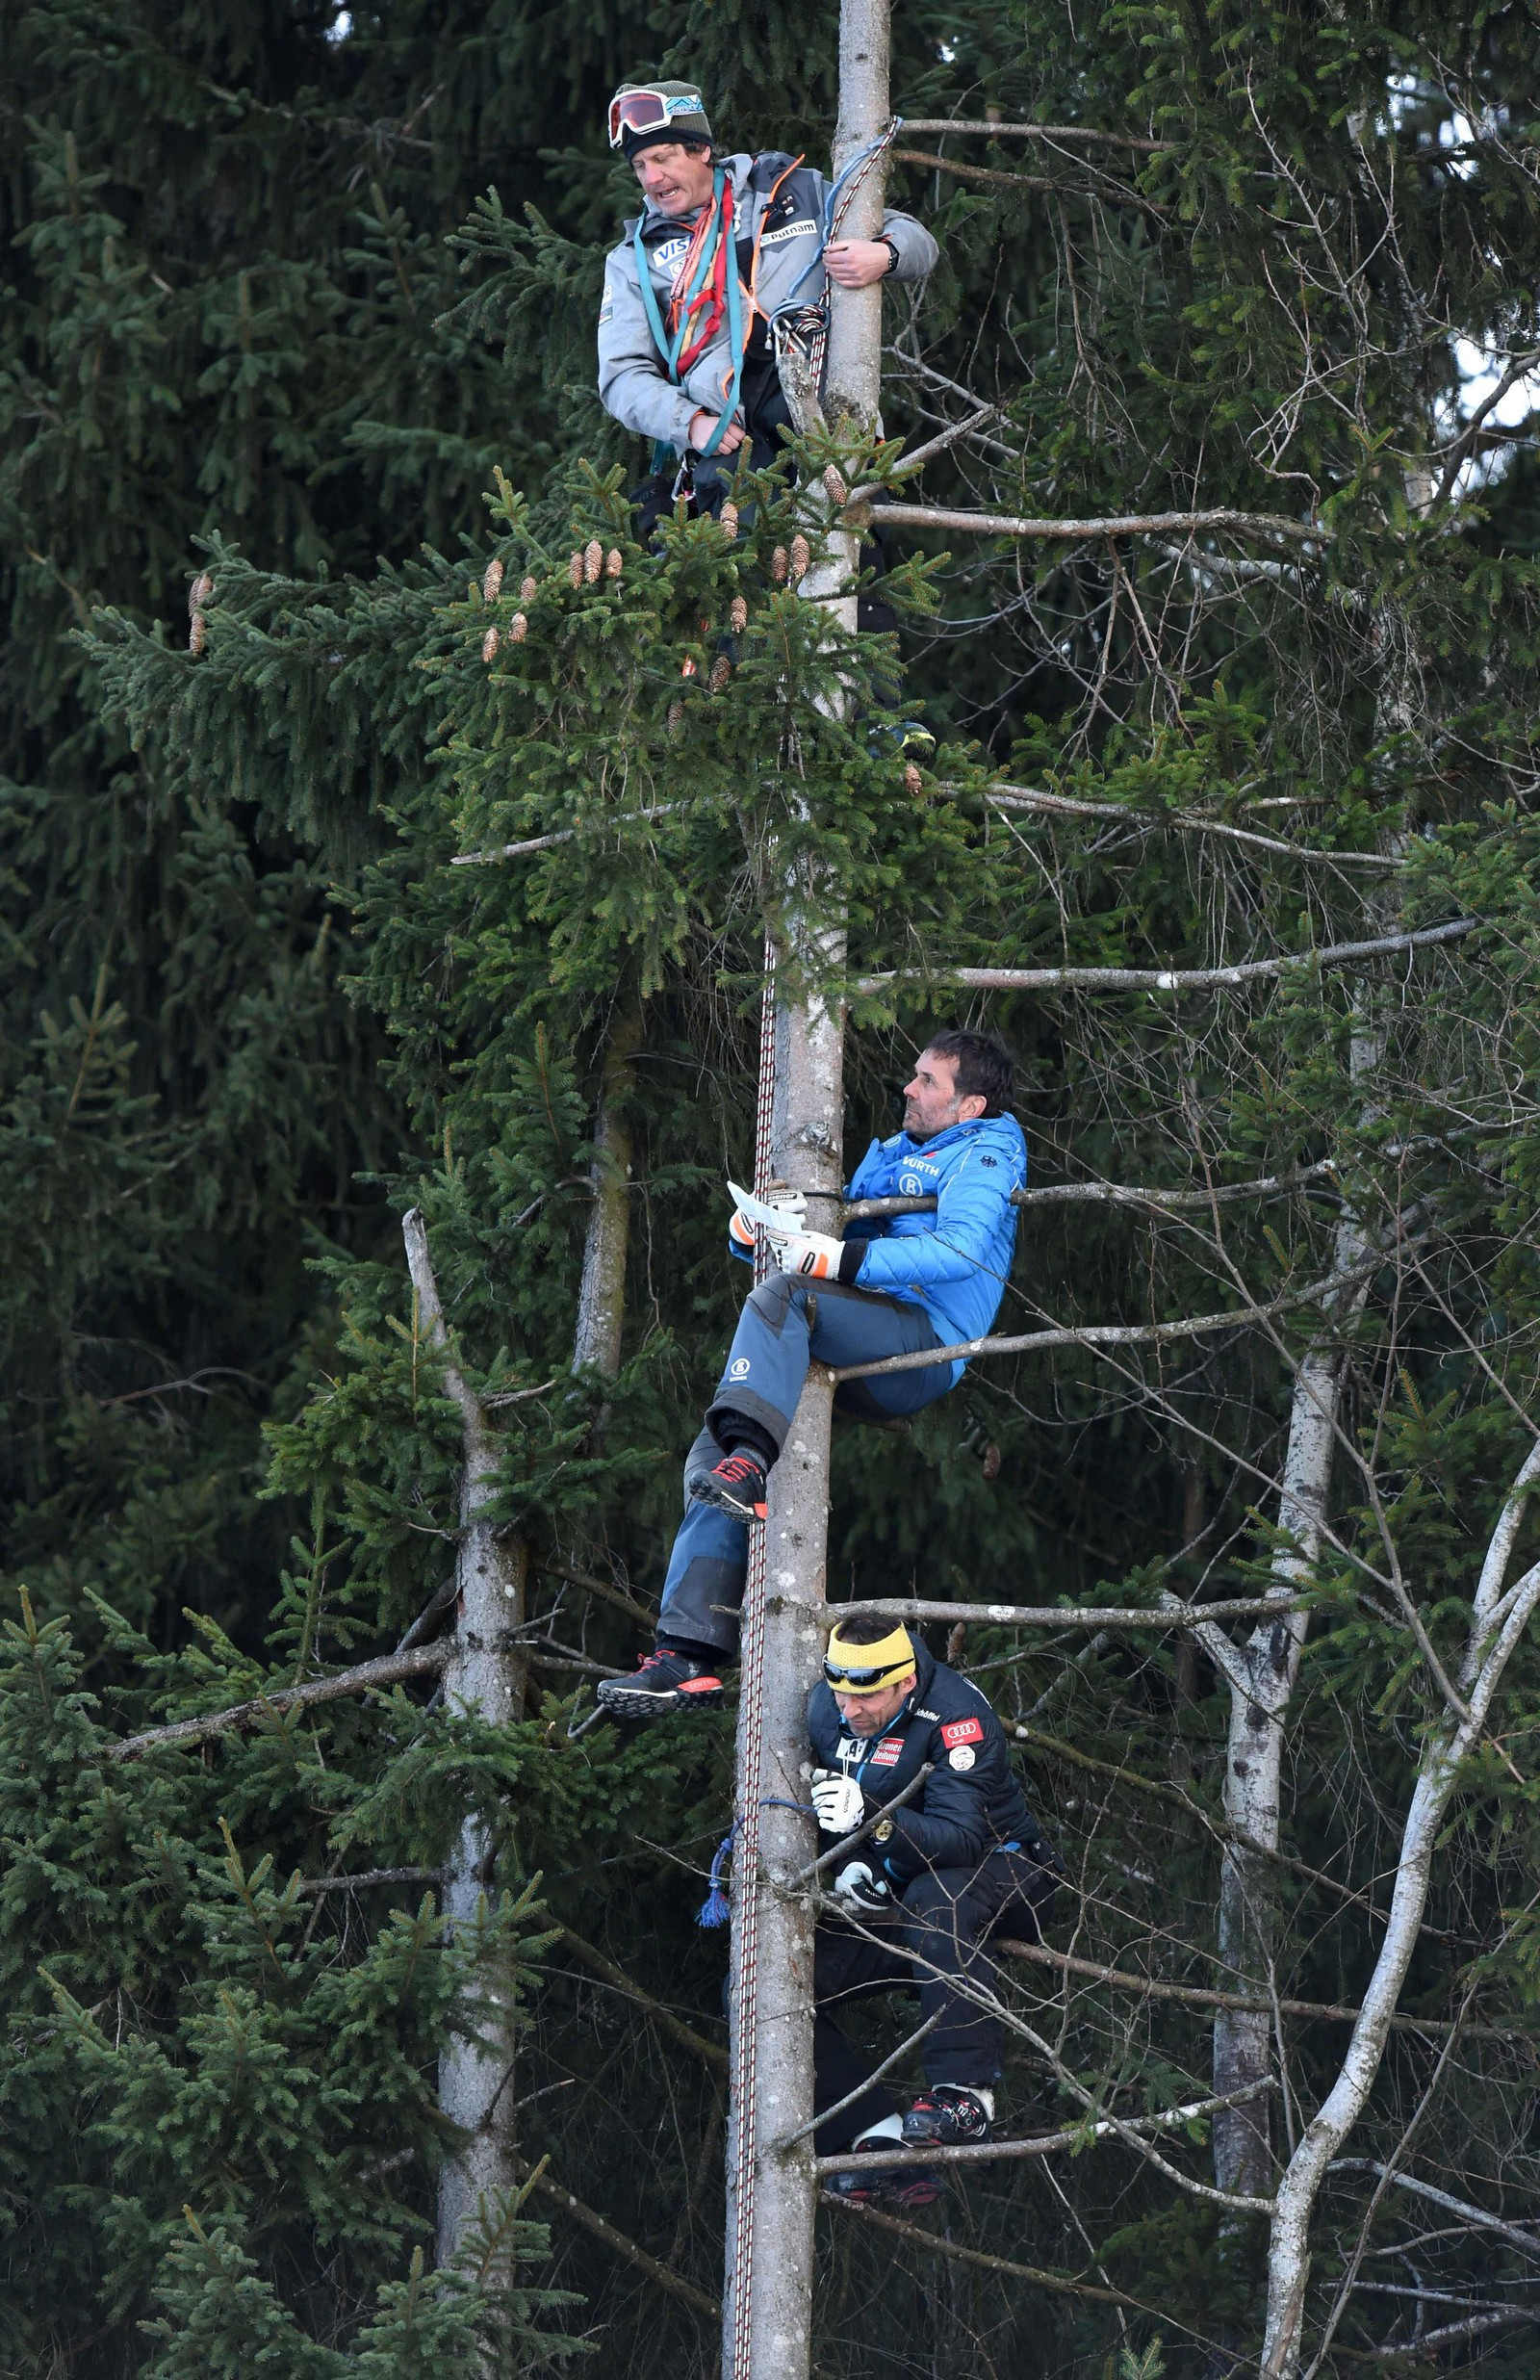 Disse lagassistentene valgte en noe original utsiktspost for å følge alpinistene fare nedover Garmisch-Partenkirchen forrige helg. Konkurransen ble vunnet av  Aleksander Aamodt Kilde.